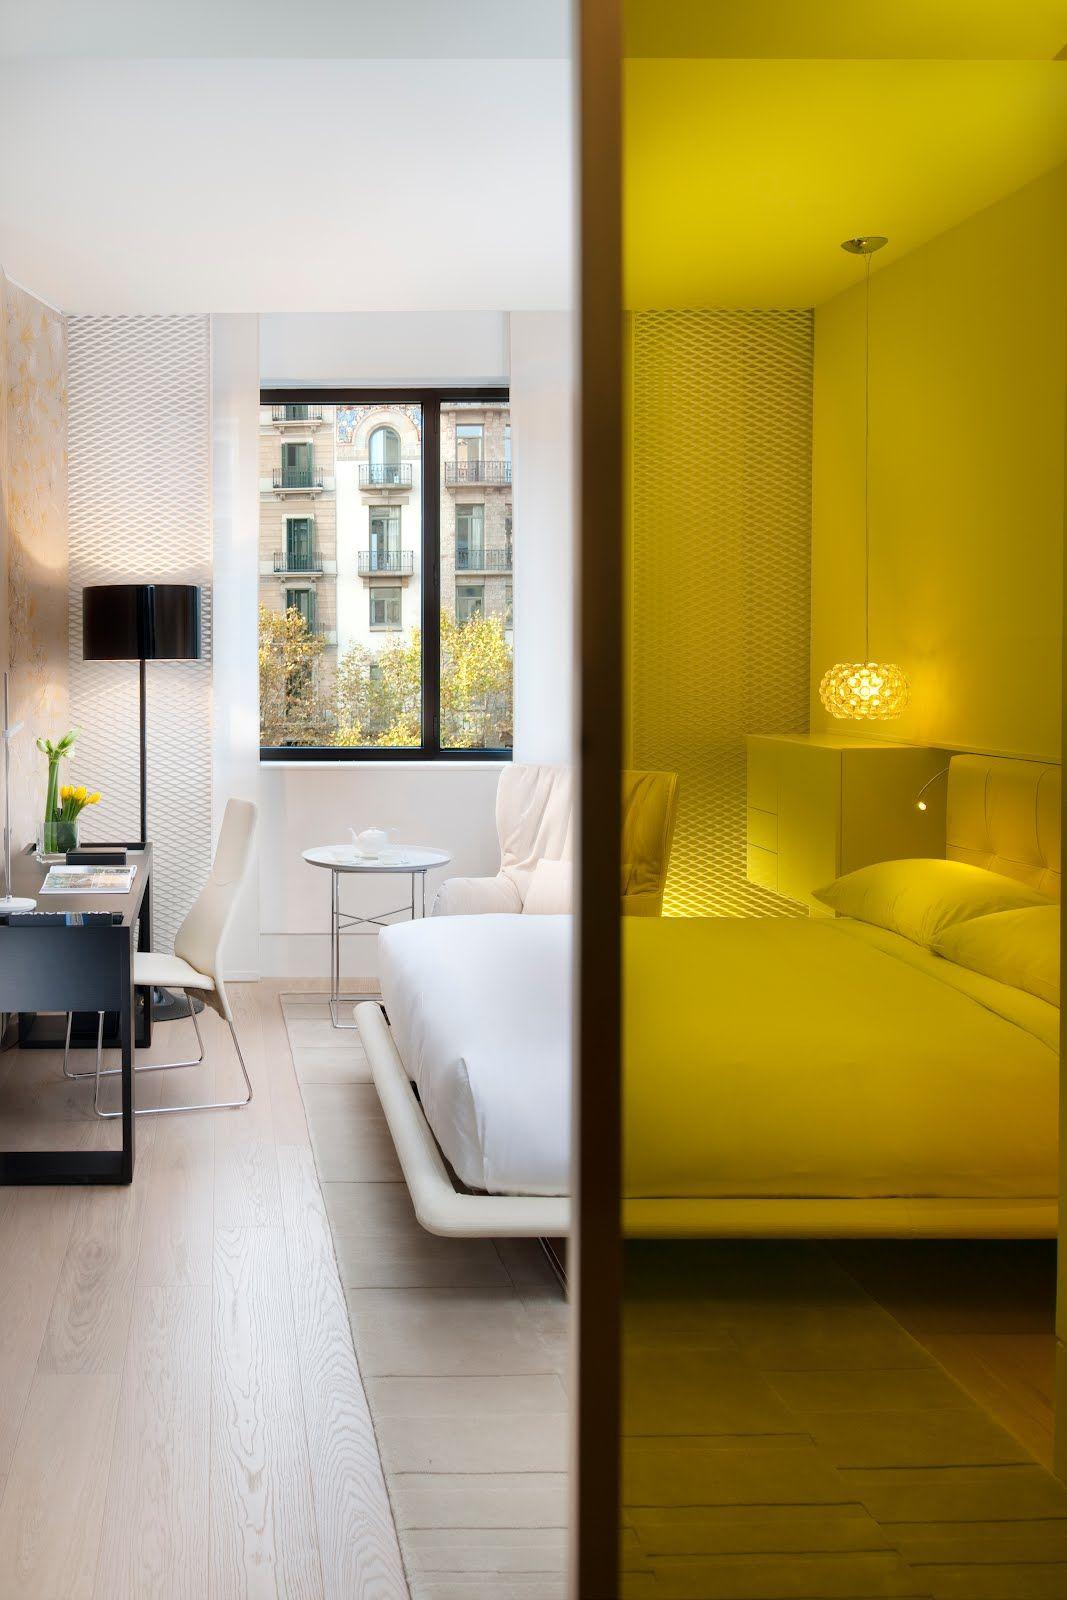 Яркий желтый цвет стеклянной перегородки оживит монохромный интерьер